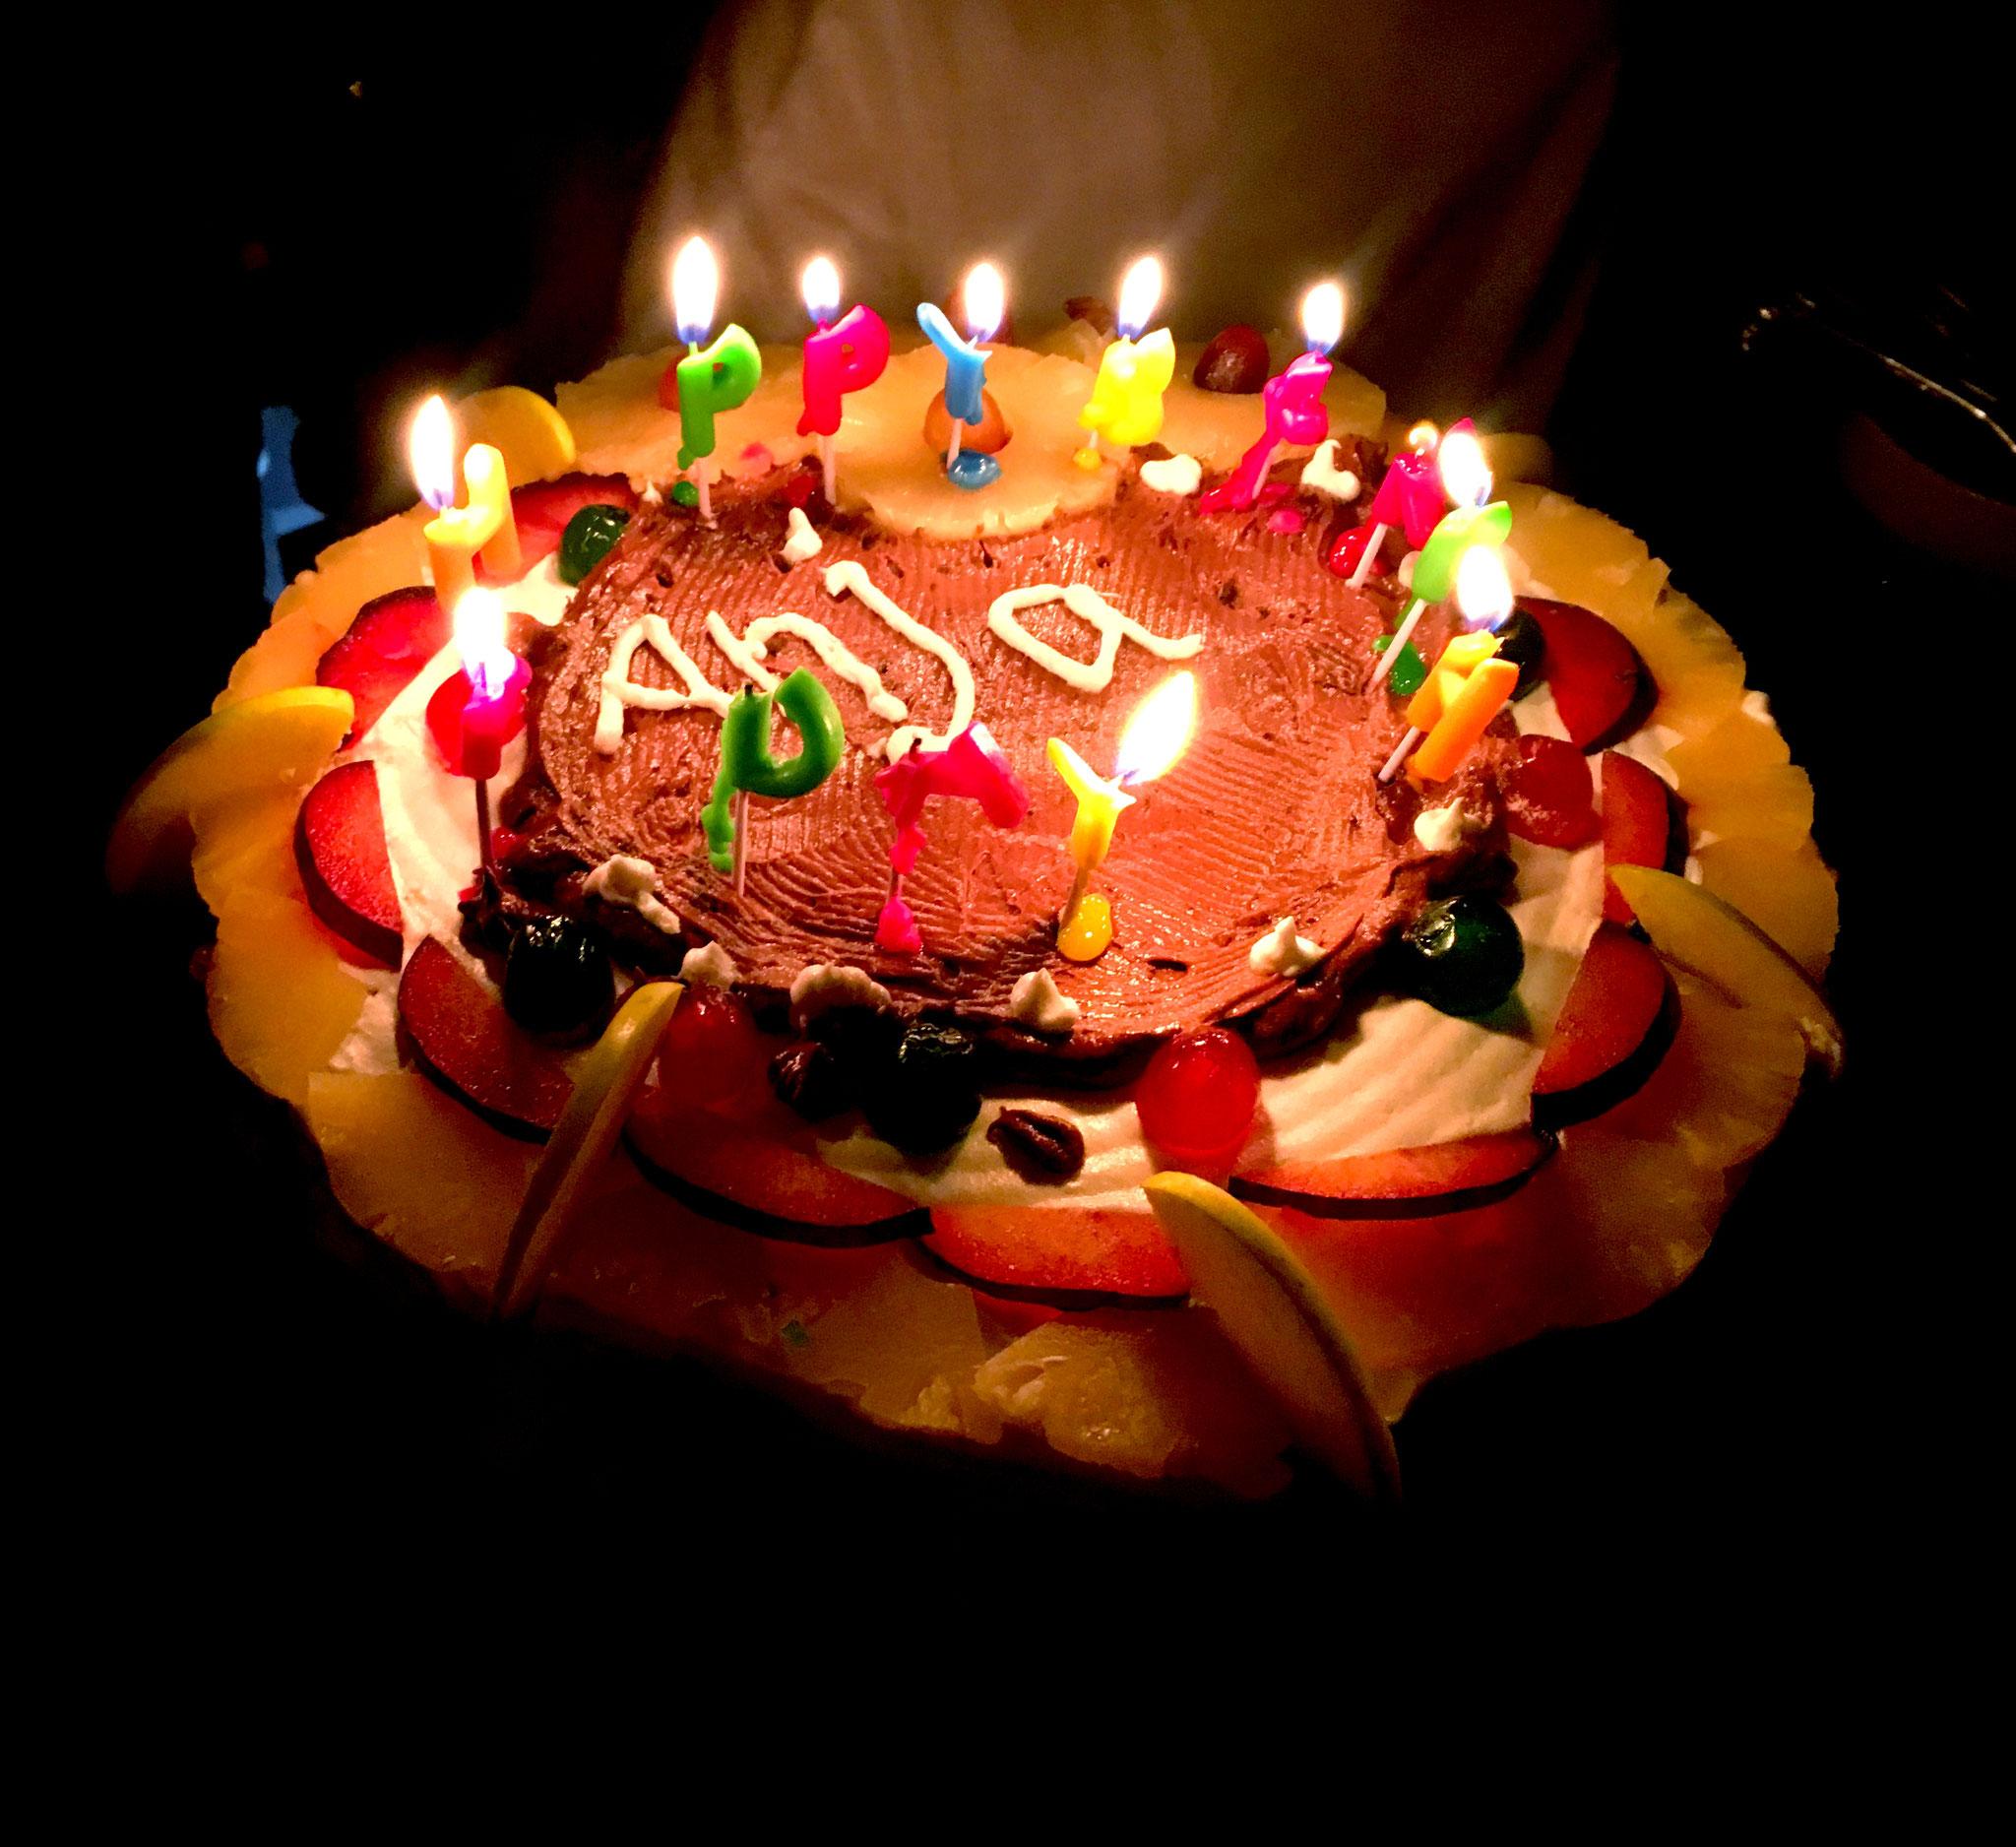 Die Torte zum 30. Geburtstag durfte nicht fehlen.